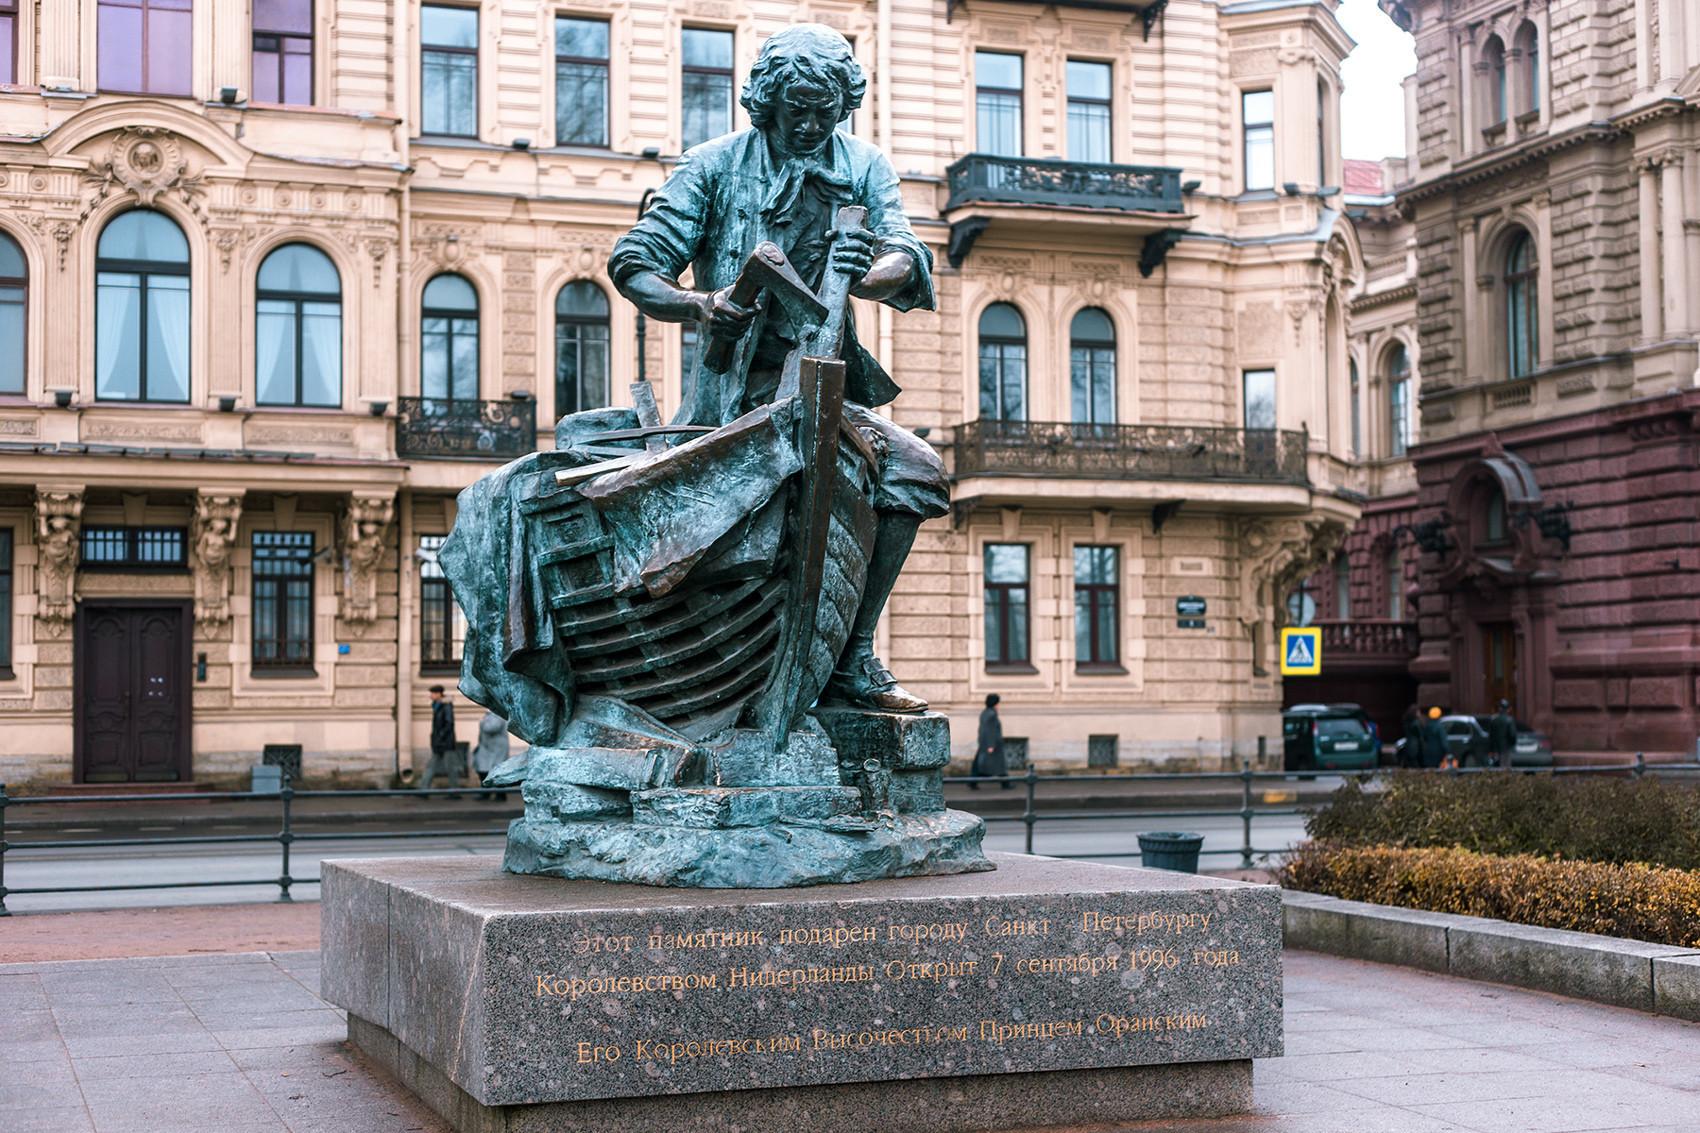 Monumento a Pedro, o Grande, construtor naval. Localizado em São Petersburgo.